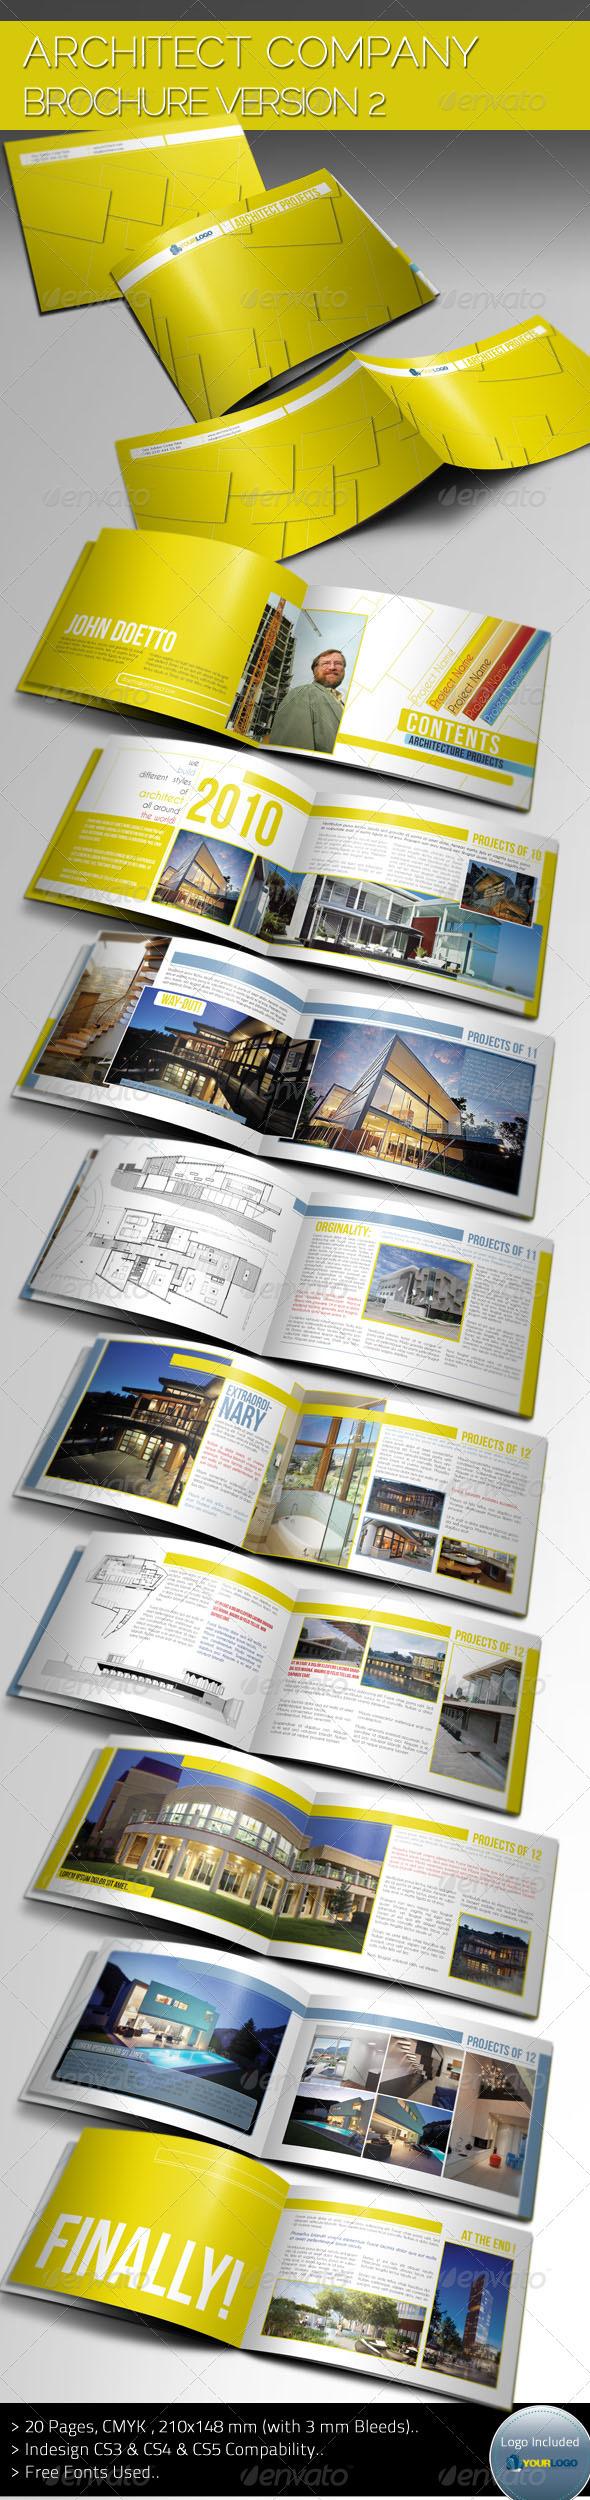 GraphicRiver Architecture Brochure Template Ver.II 2582873